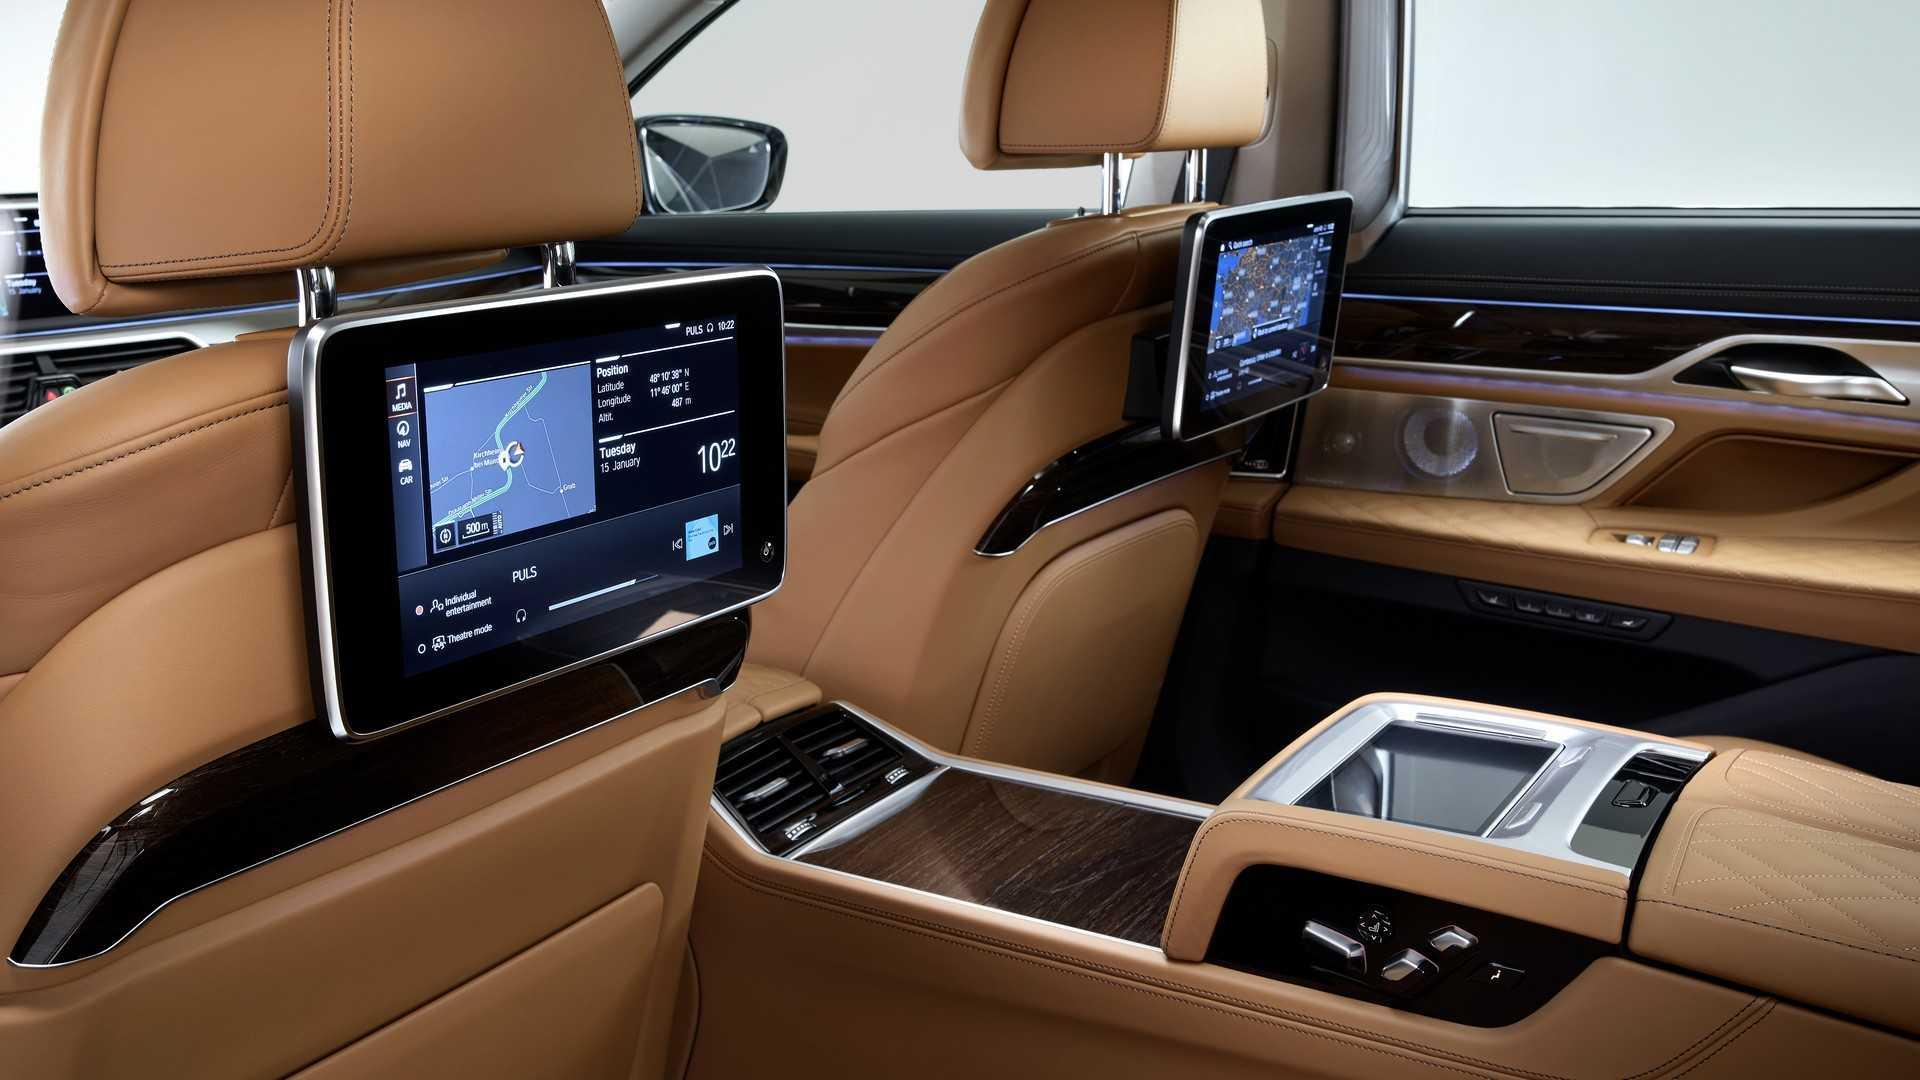 BMW 7 Series thế hệ mới sẽ có thêm bản chạy điện hoàn toàn - 29